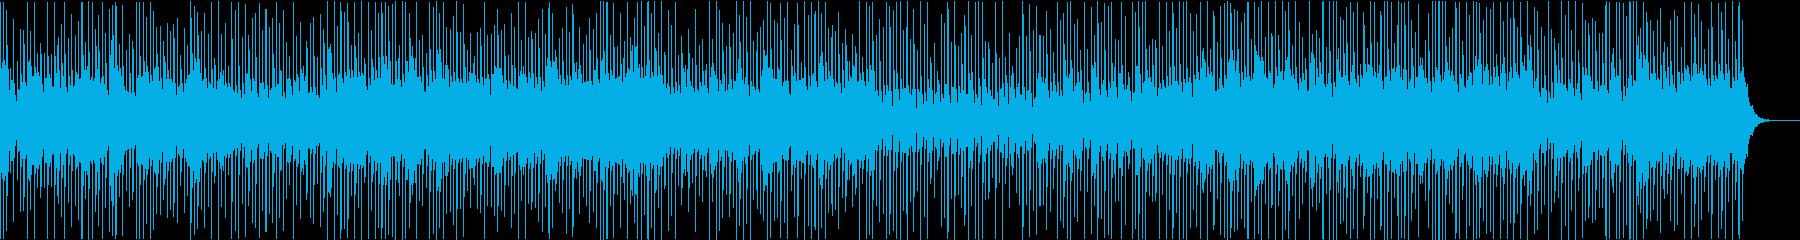 ダークなテクスチャーサウンド・ビート無しの再生済みの波形